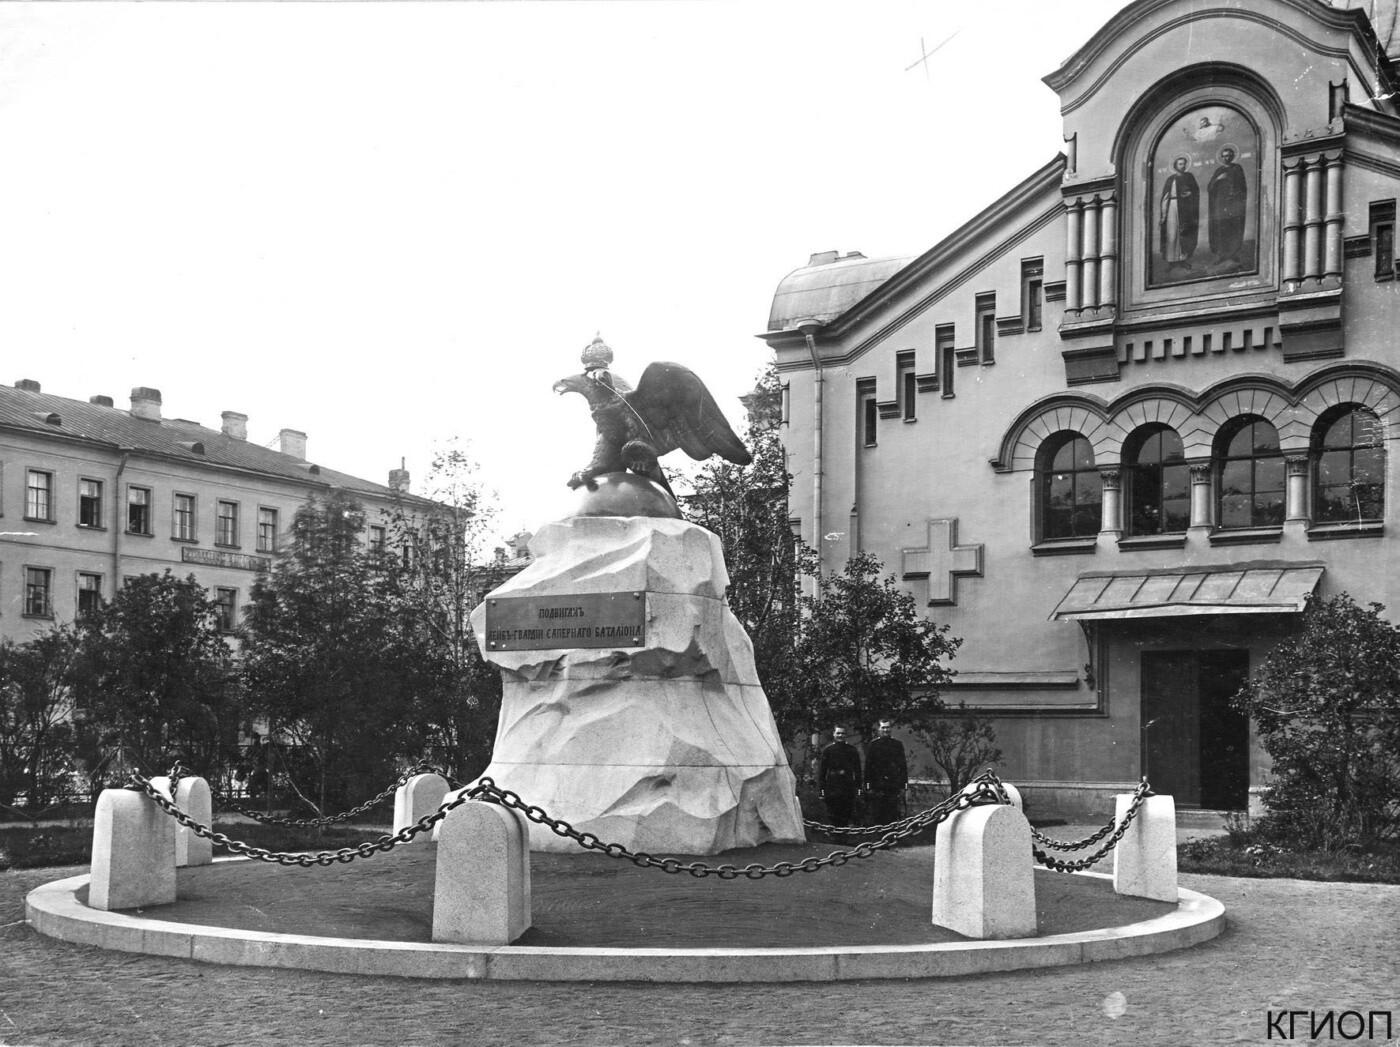 Забытый полковой памятник барона Клодта